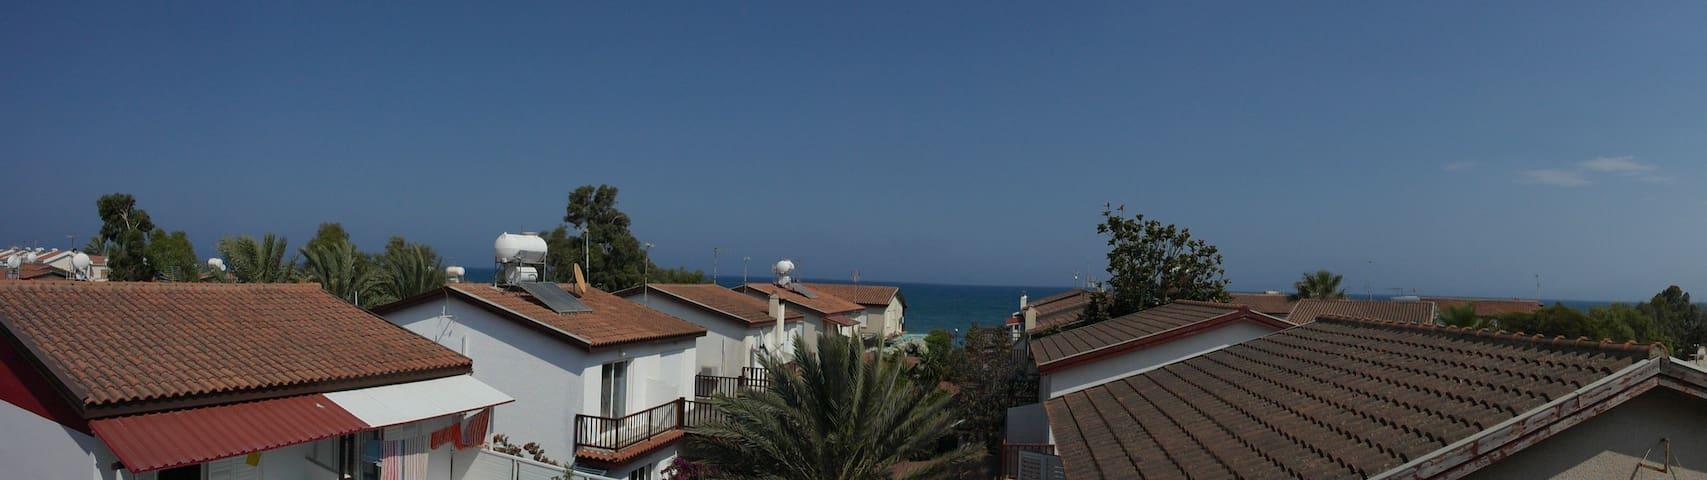 Супер апартаменты 70кв м, 3 комнаты, в 50м от моря - Meneou - Leilighet